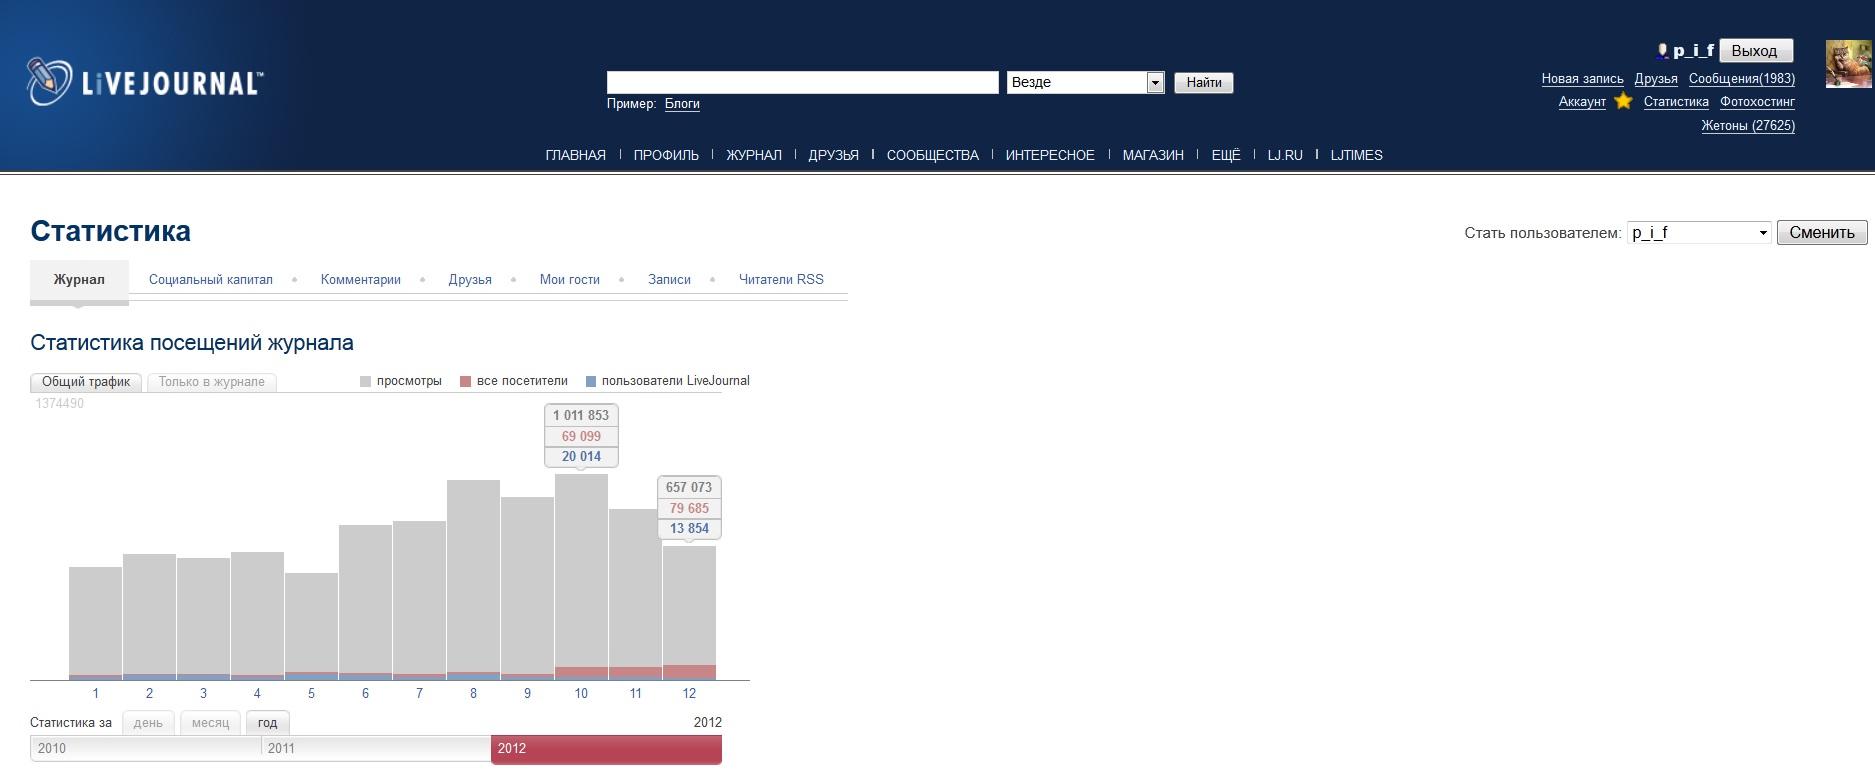 Моя статистика ЖЖ за 2012 год